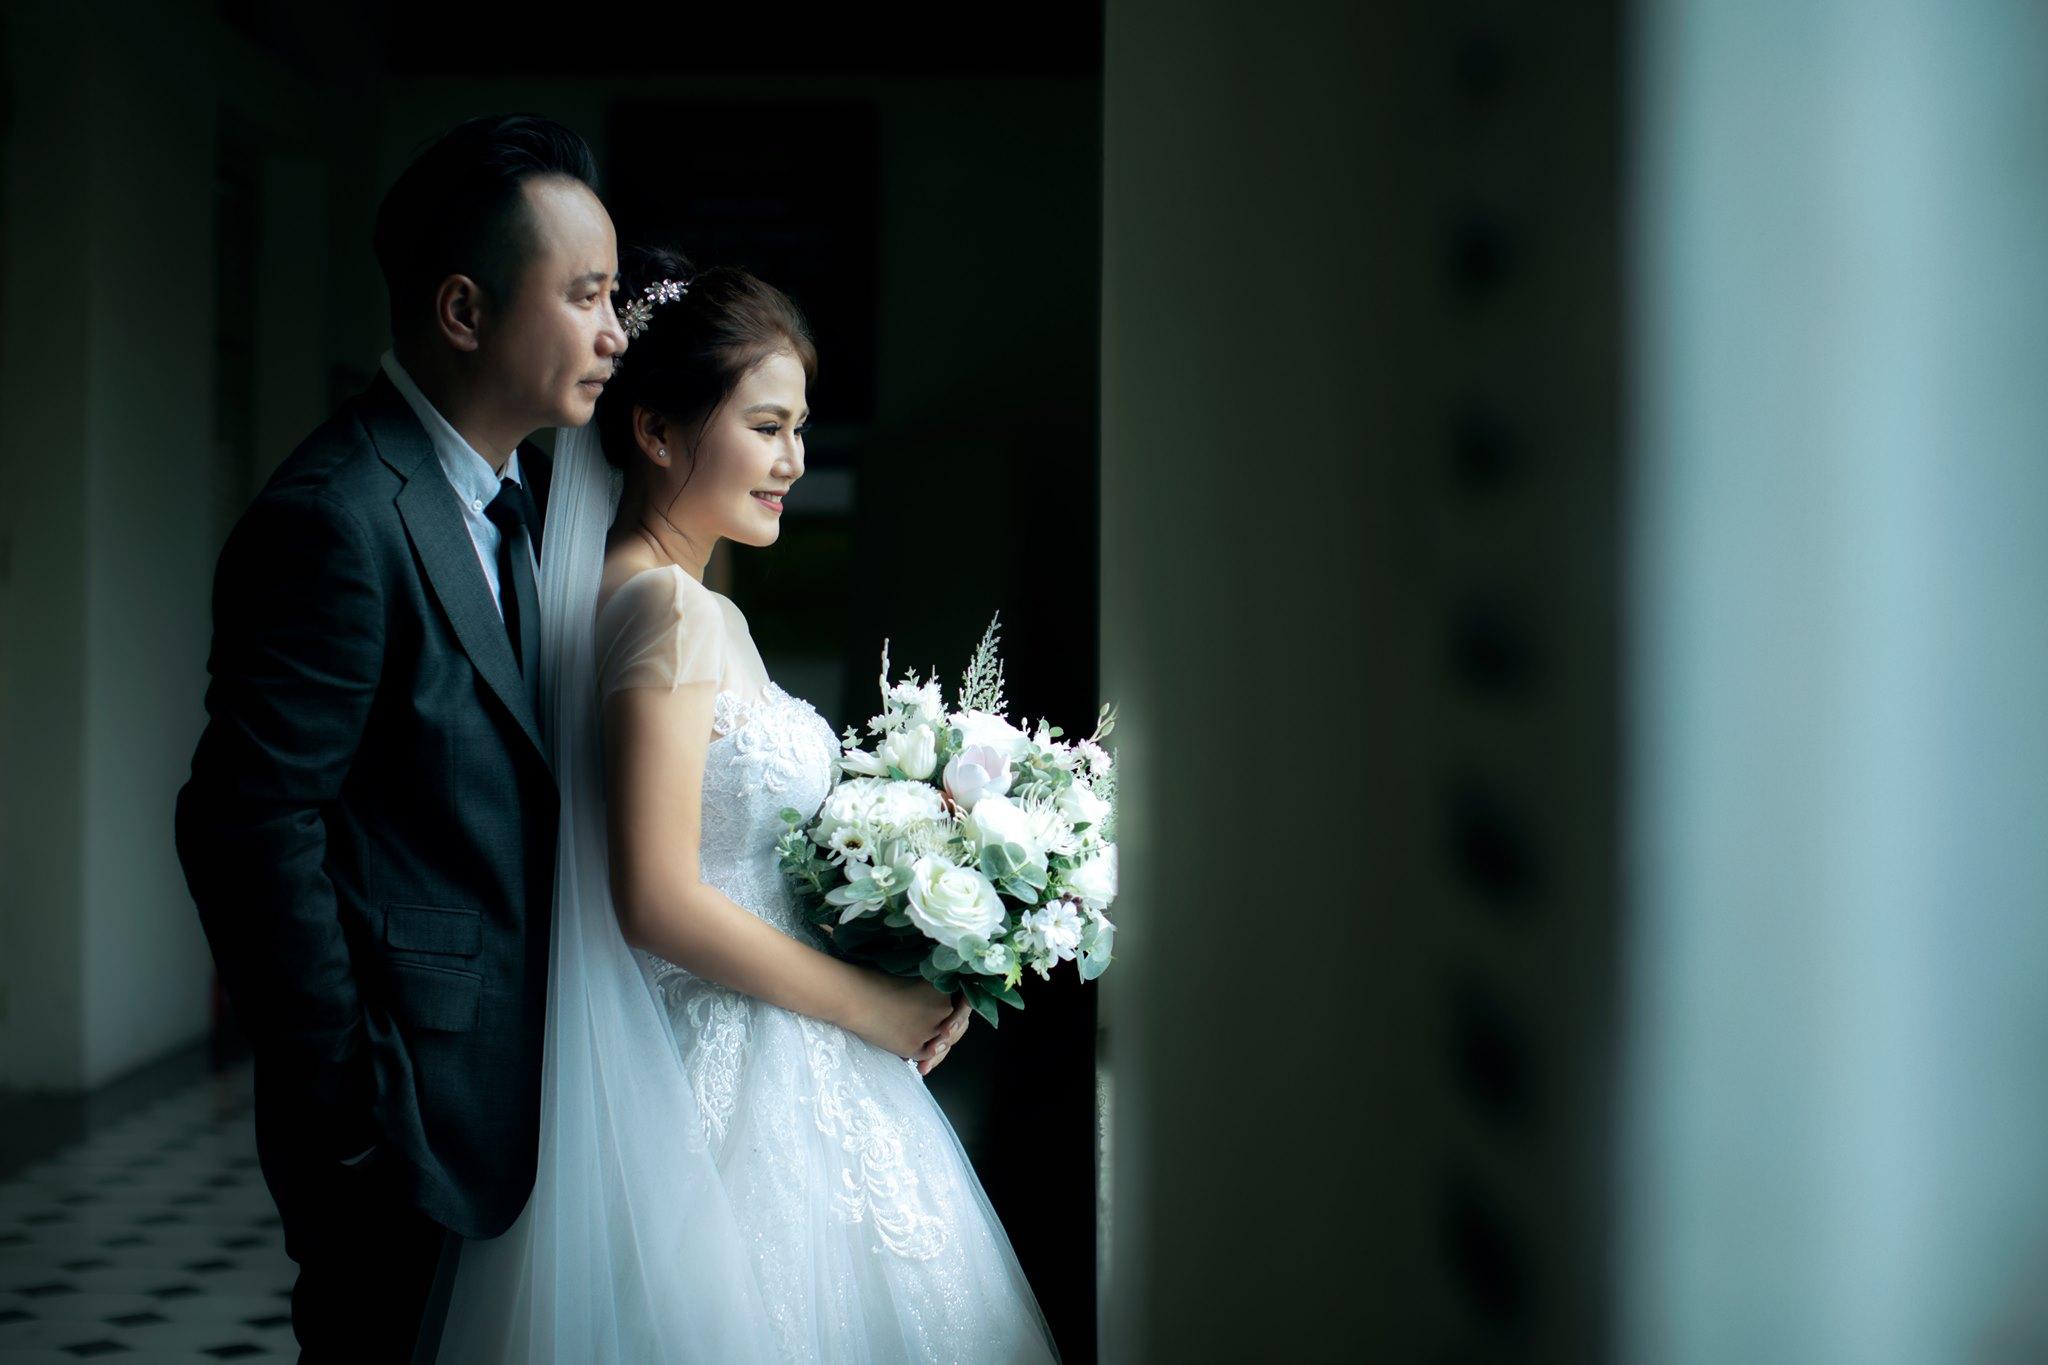 Xếp hạng 10 Studio chụp ảnh cưới đẹp và chất lượng nhất Đồng Nai - Hạnh Đỗ Bridal